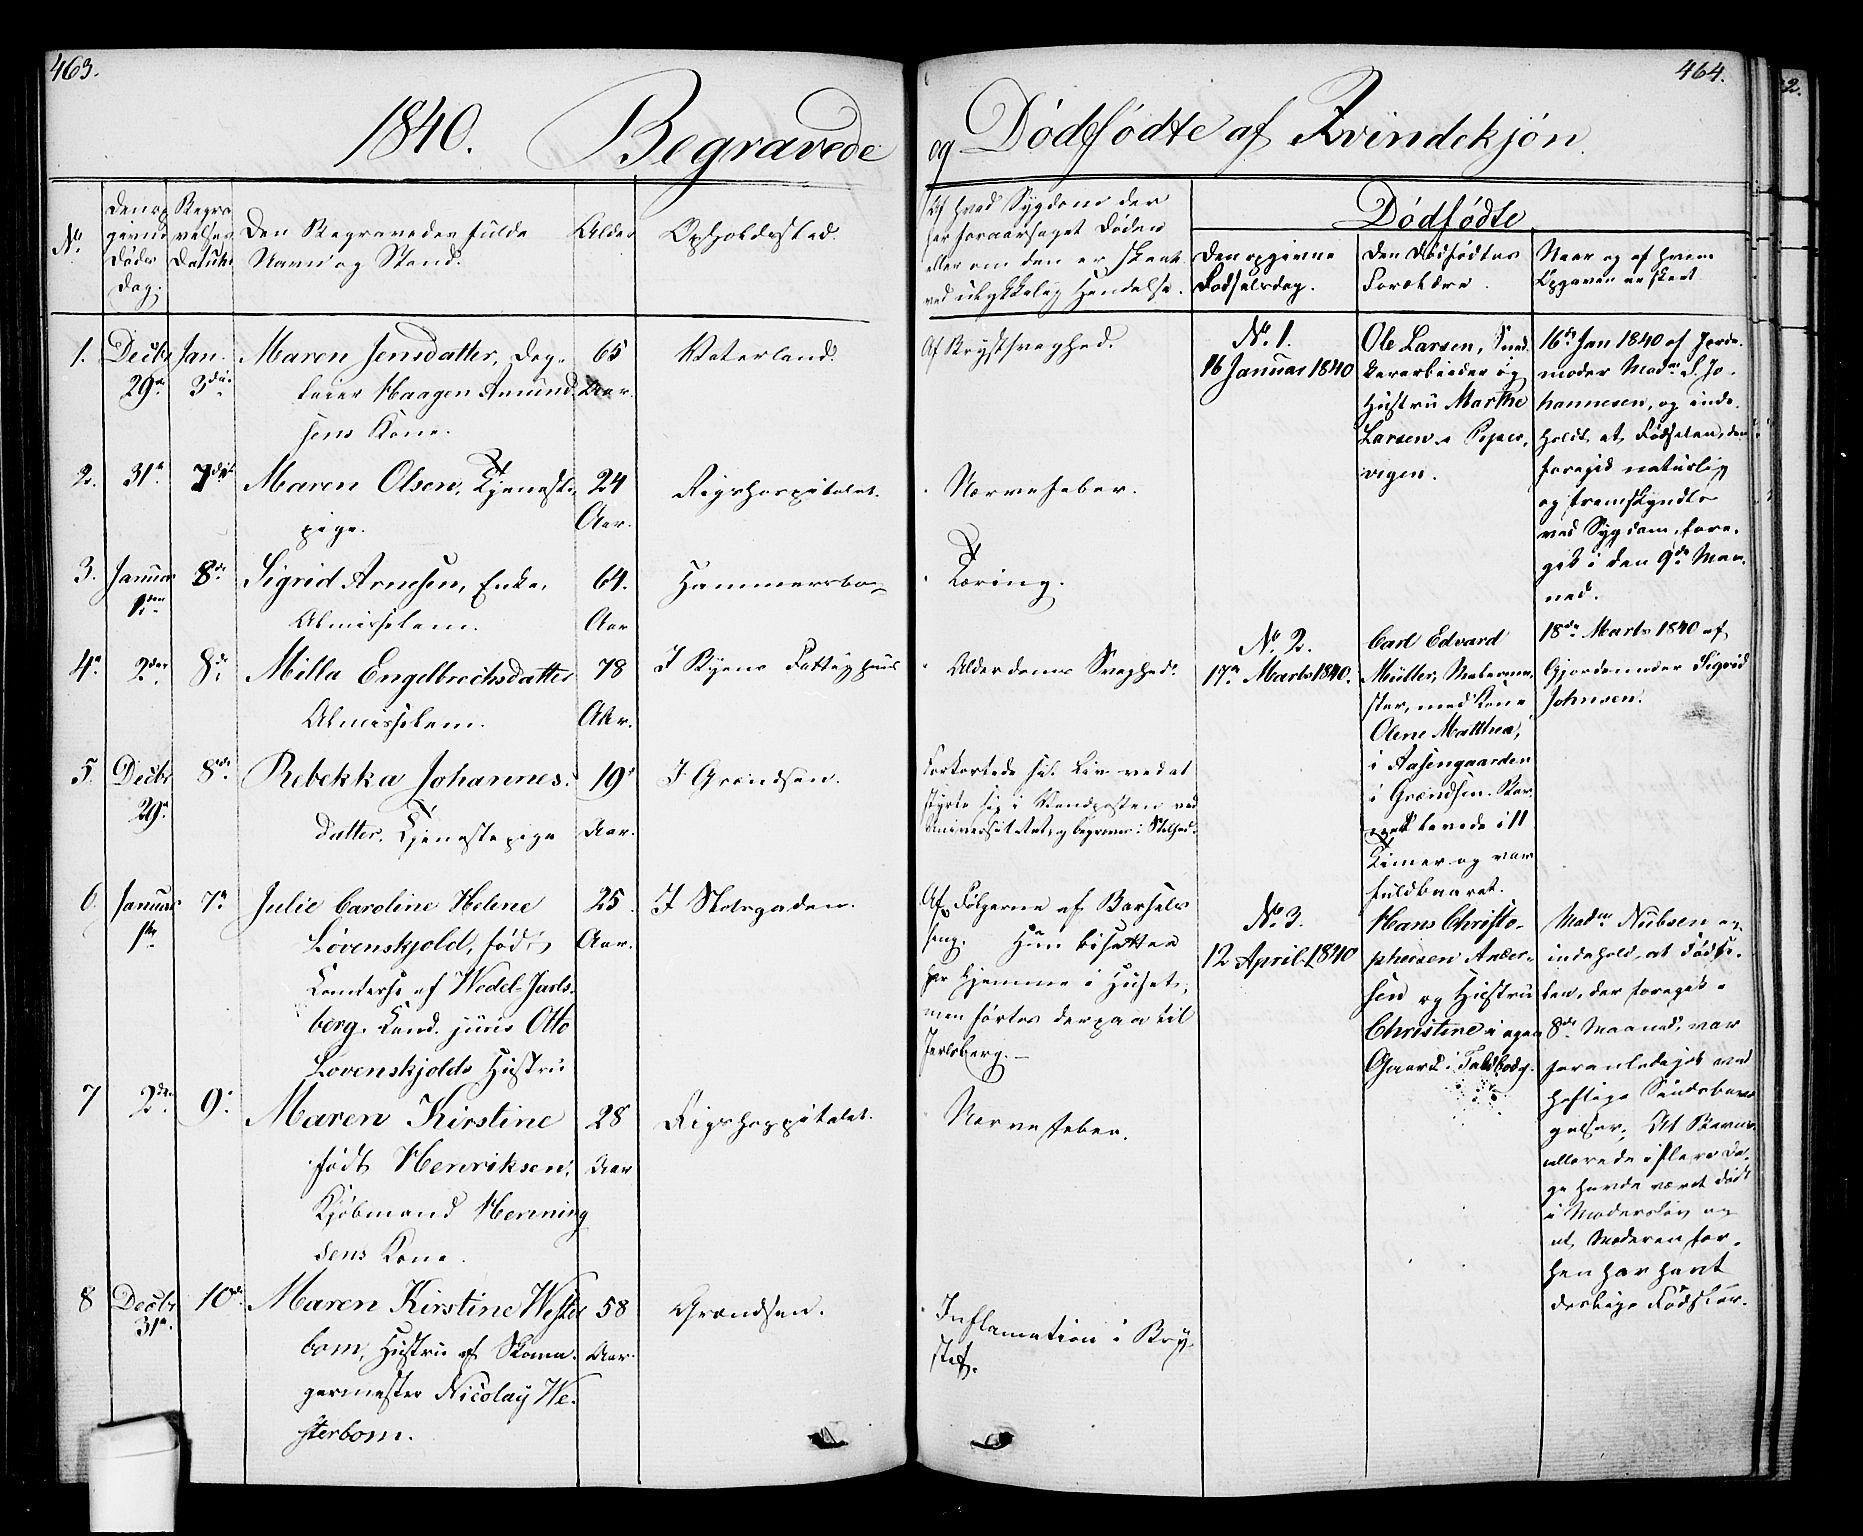 SAO, Oslo domkirke Kirkebøker, F/Fa/L0024: Ministerialbok nr. 24, 1833-1846, s. 463-464